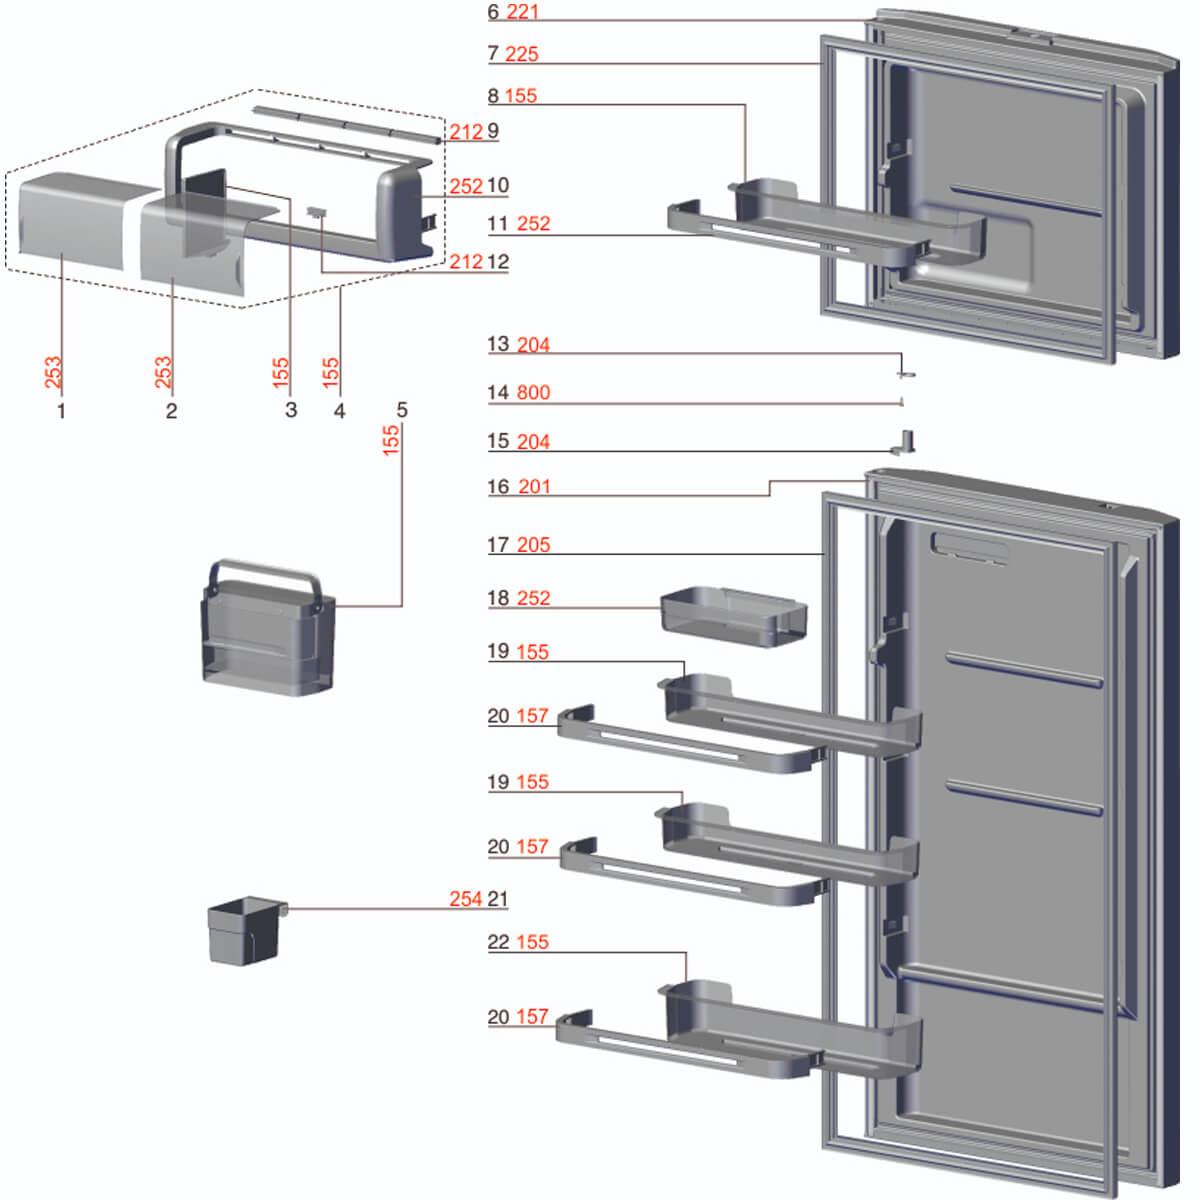 Prateleira Pequena da Porta Do Refrigerador Electrolux DF52 DF52X DFW52 DW52X - 67403197